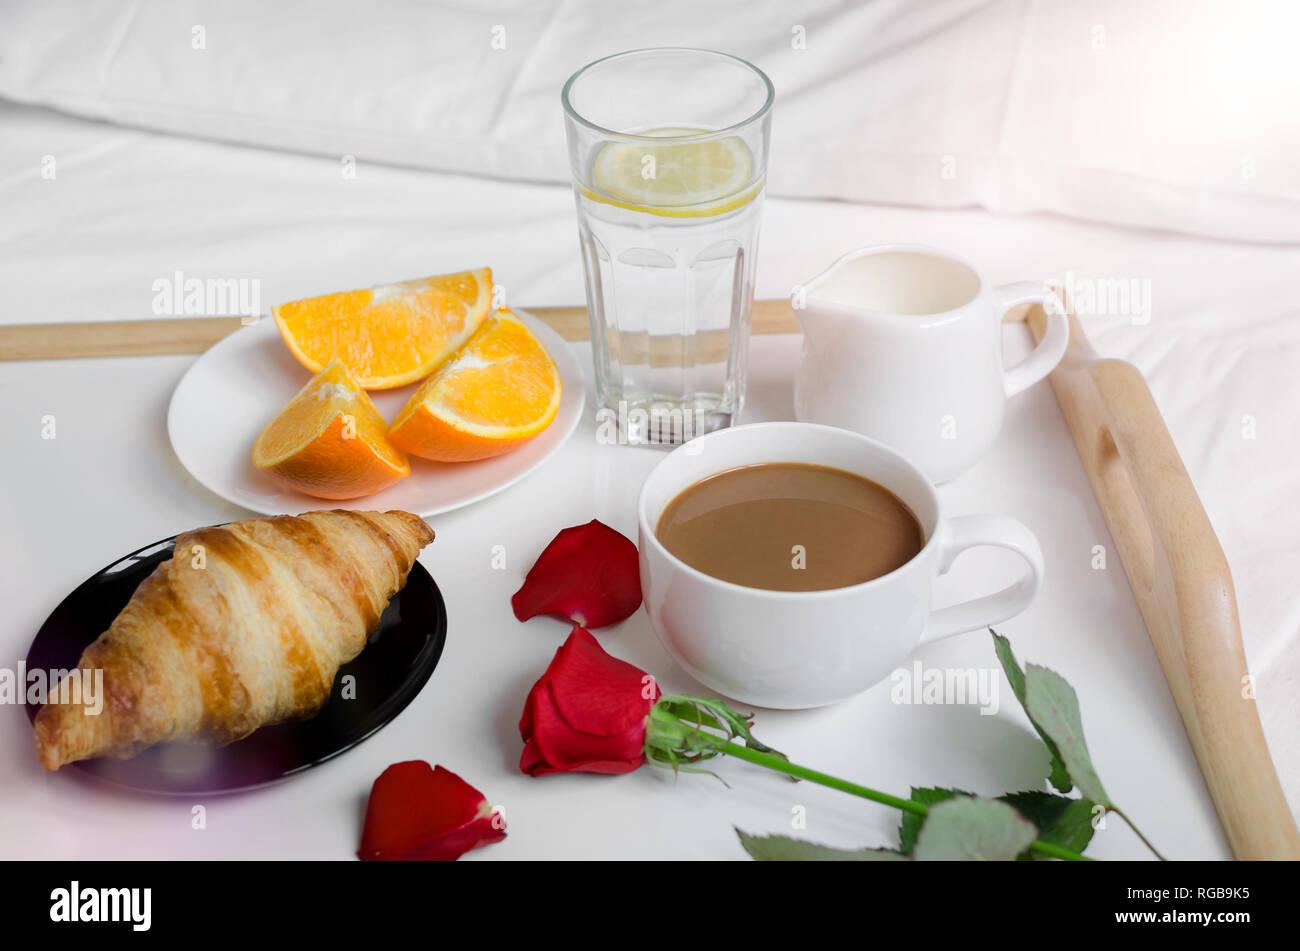 Colazione A Letto Romantica.Romantico San Valentino Colazione A Letto Vassoio Con Croissant